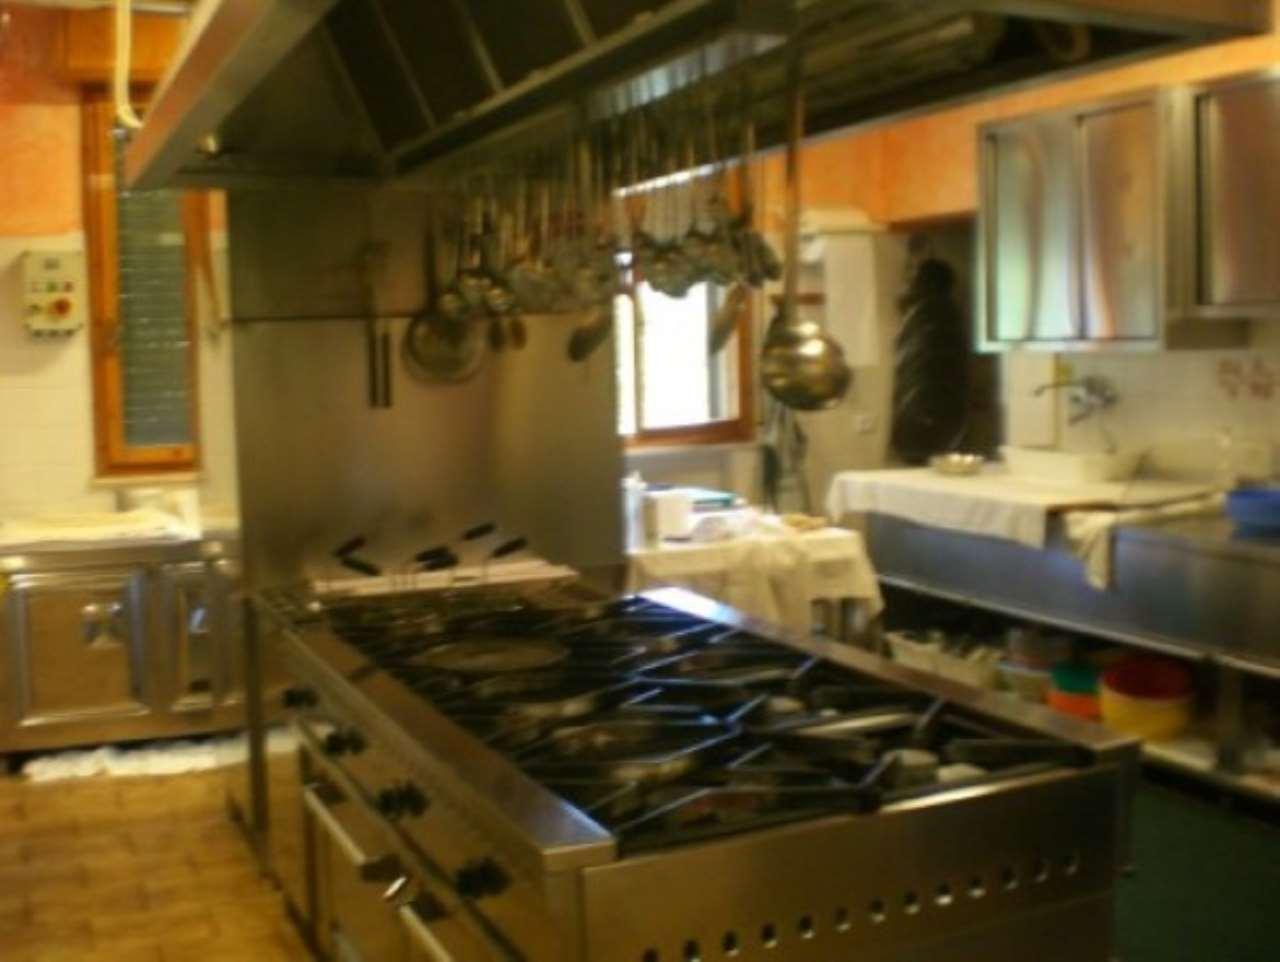 Albergo in vendita a Sogliano al Rubicone, 6 locali, Trattative riservate | Cambio Casa.it